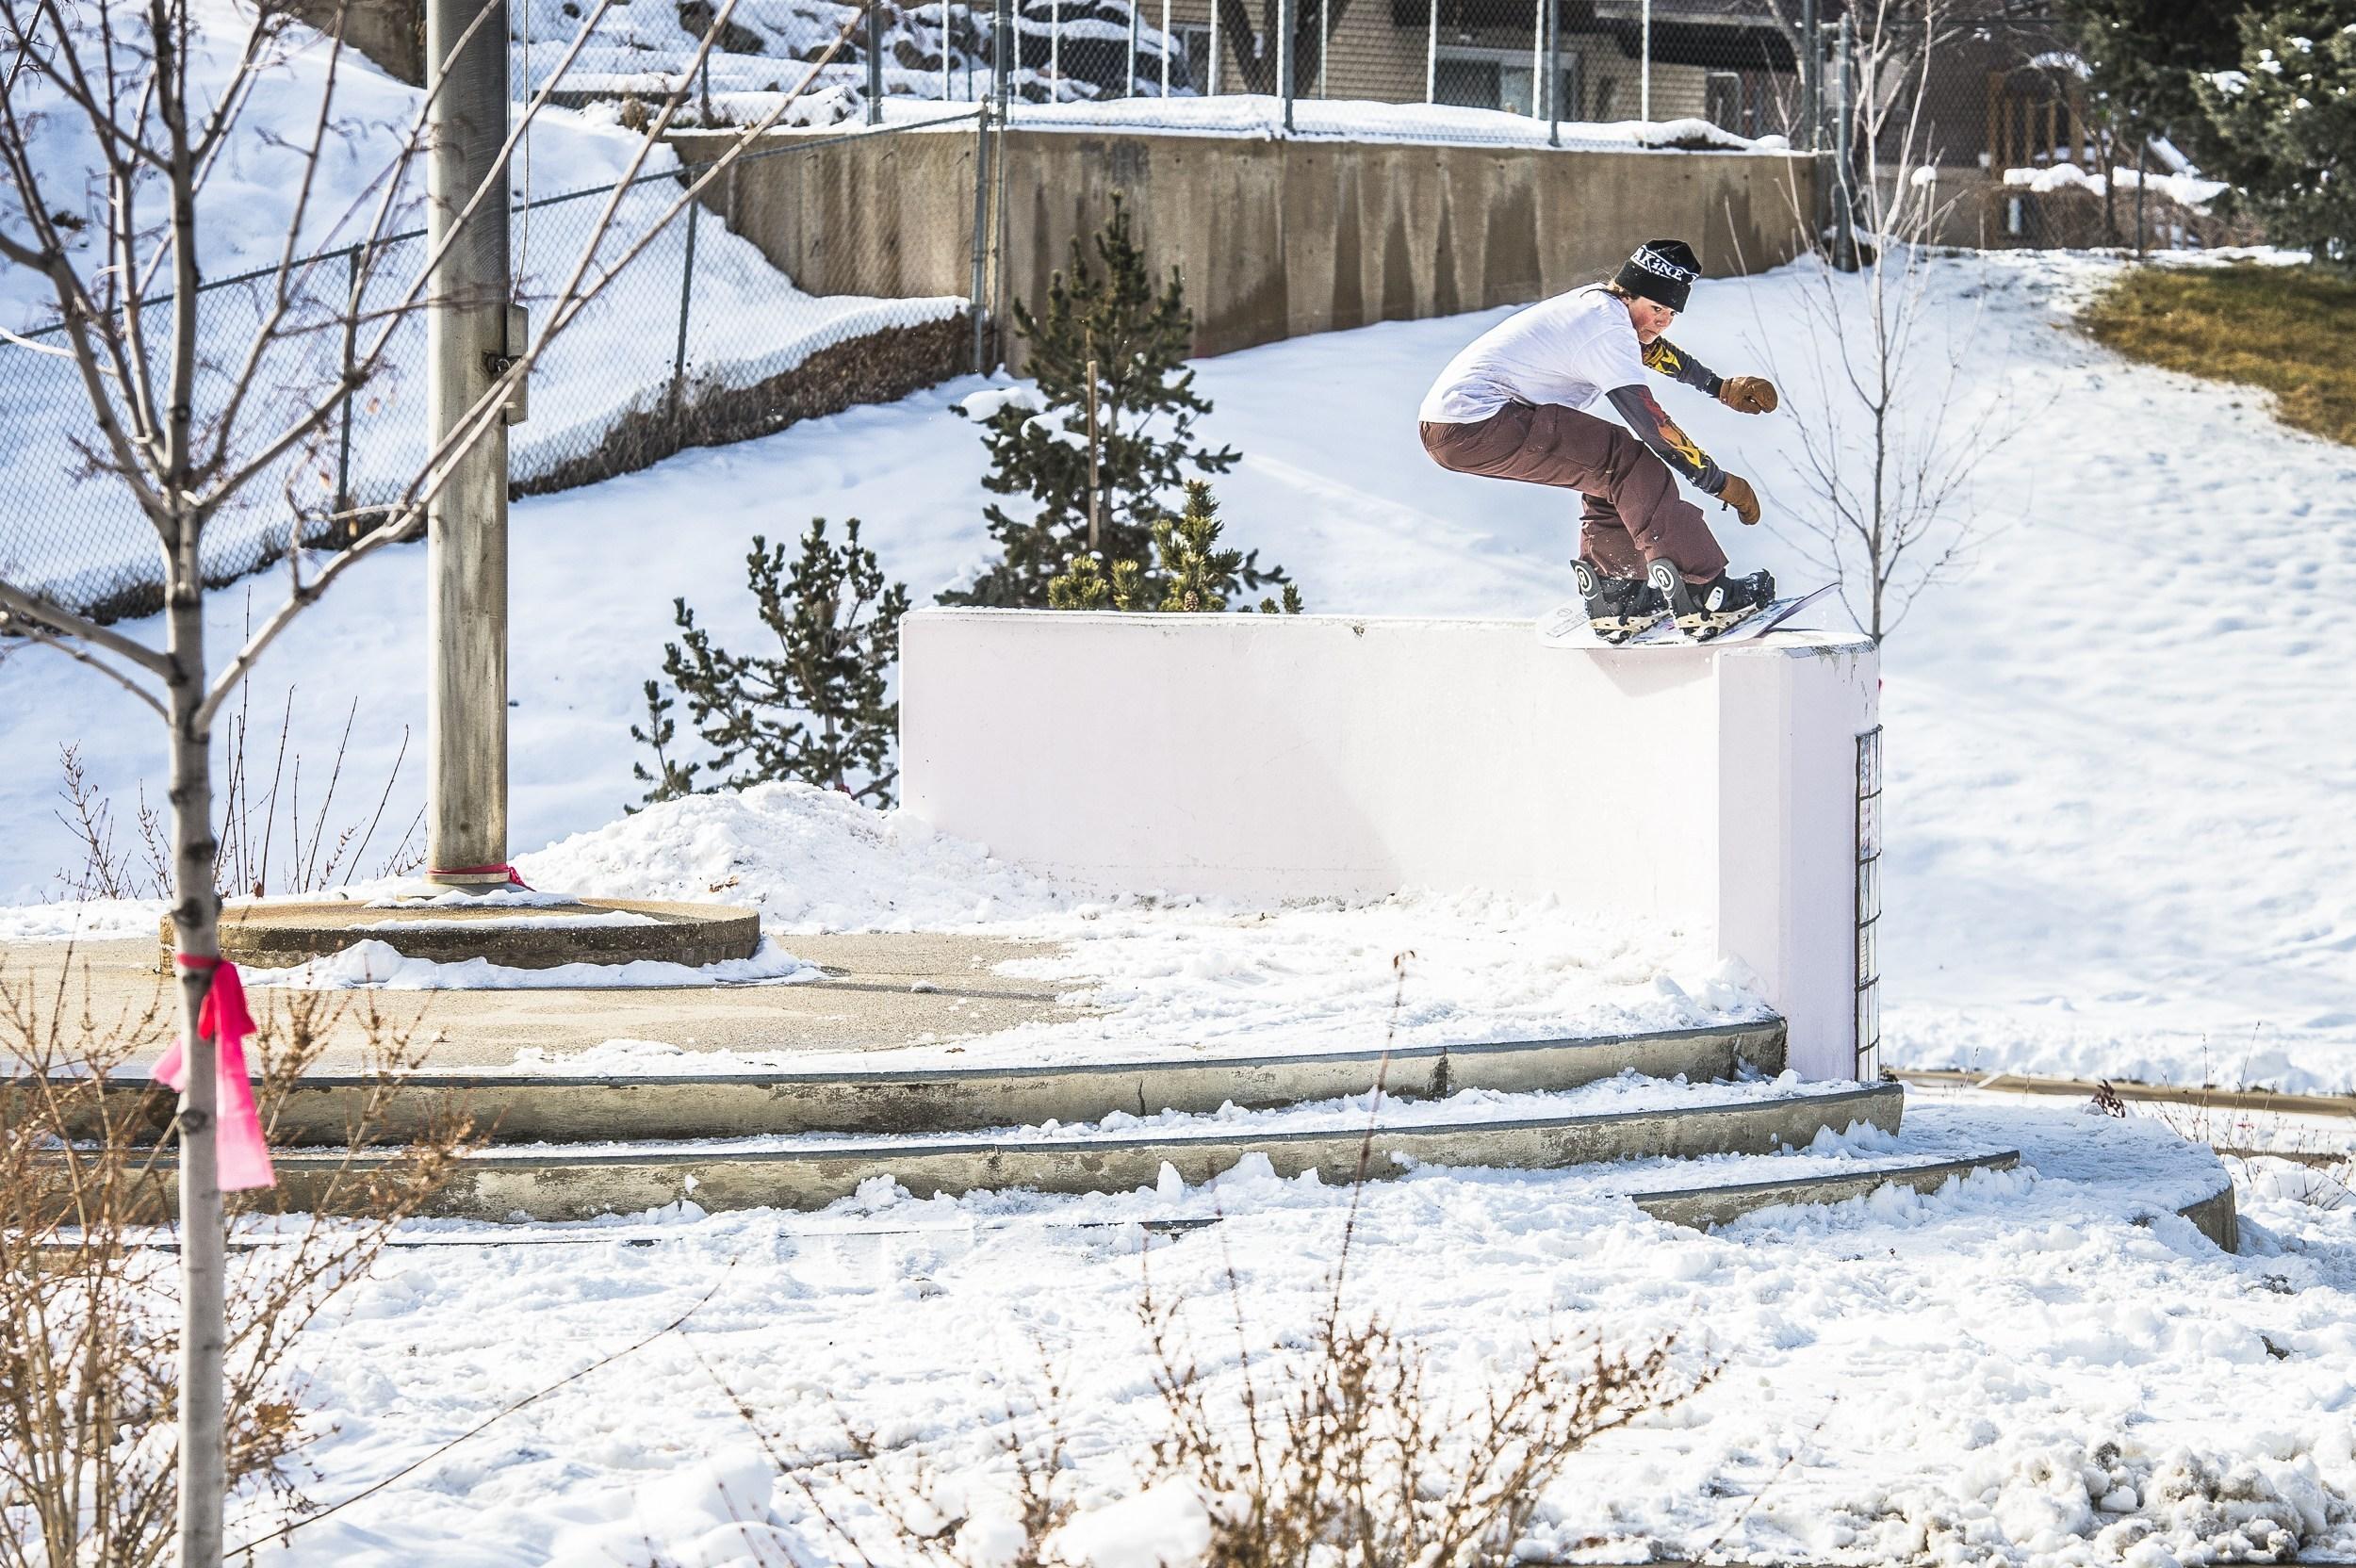 Jill Perkins Snowboarder